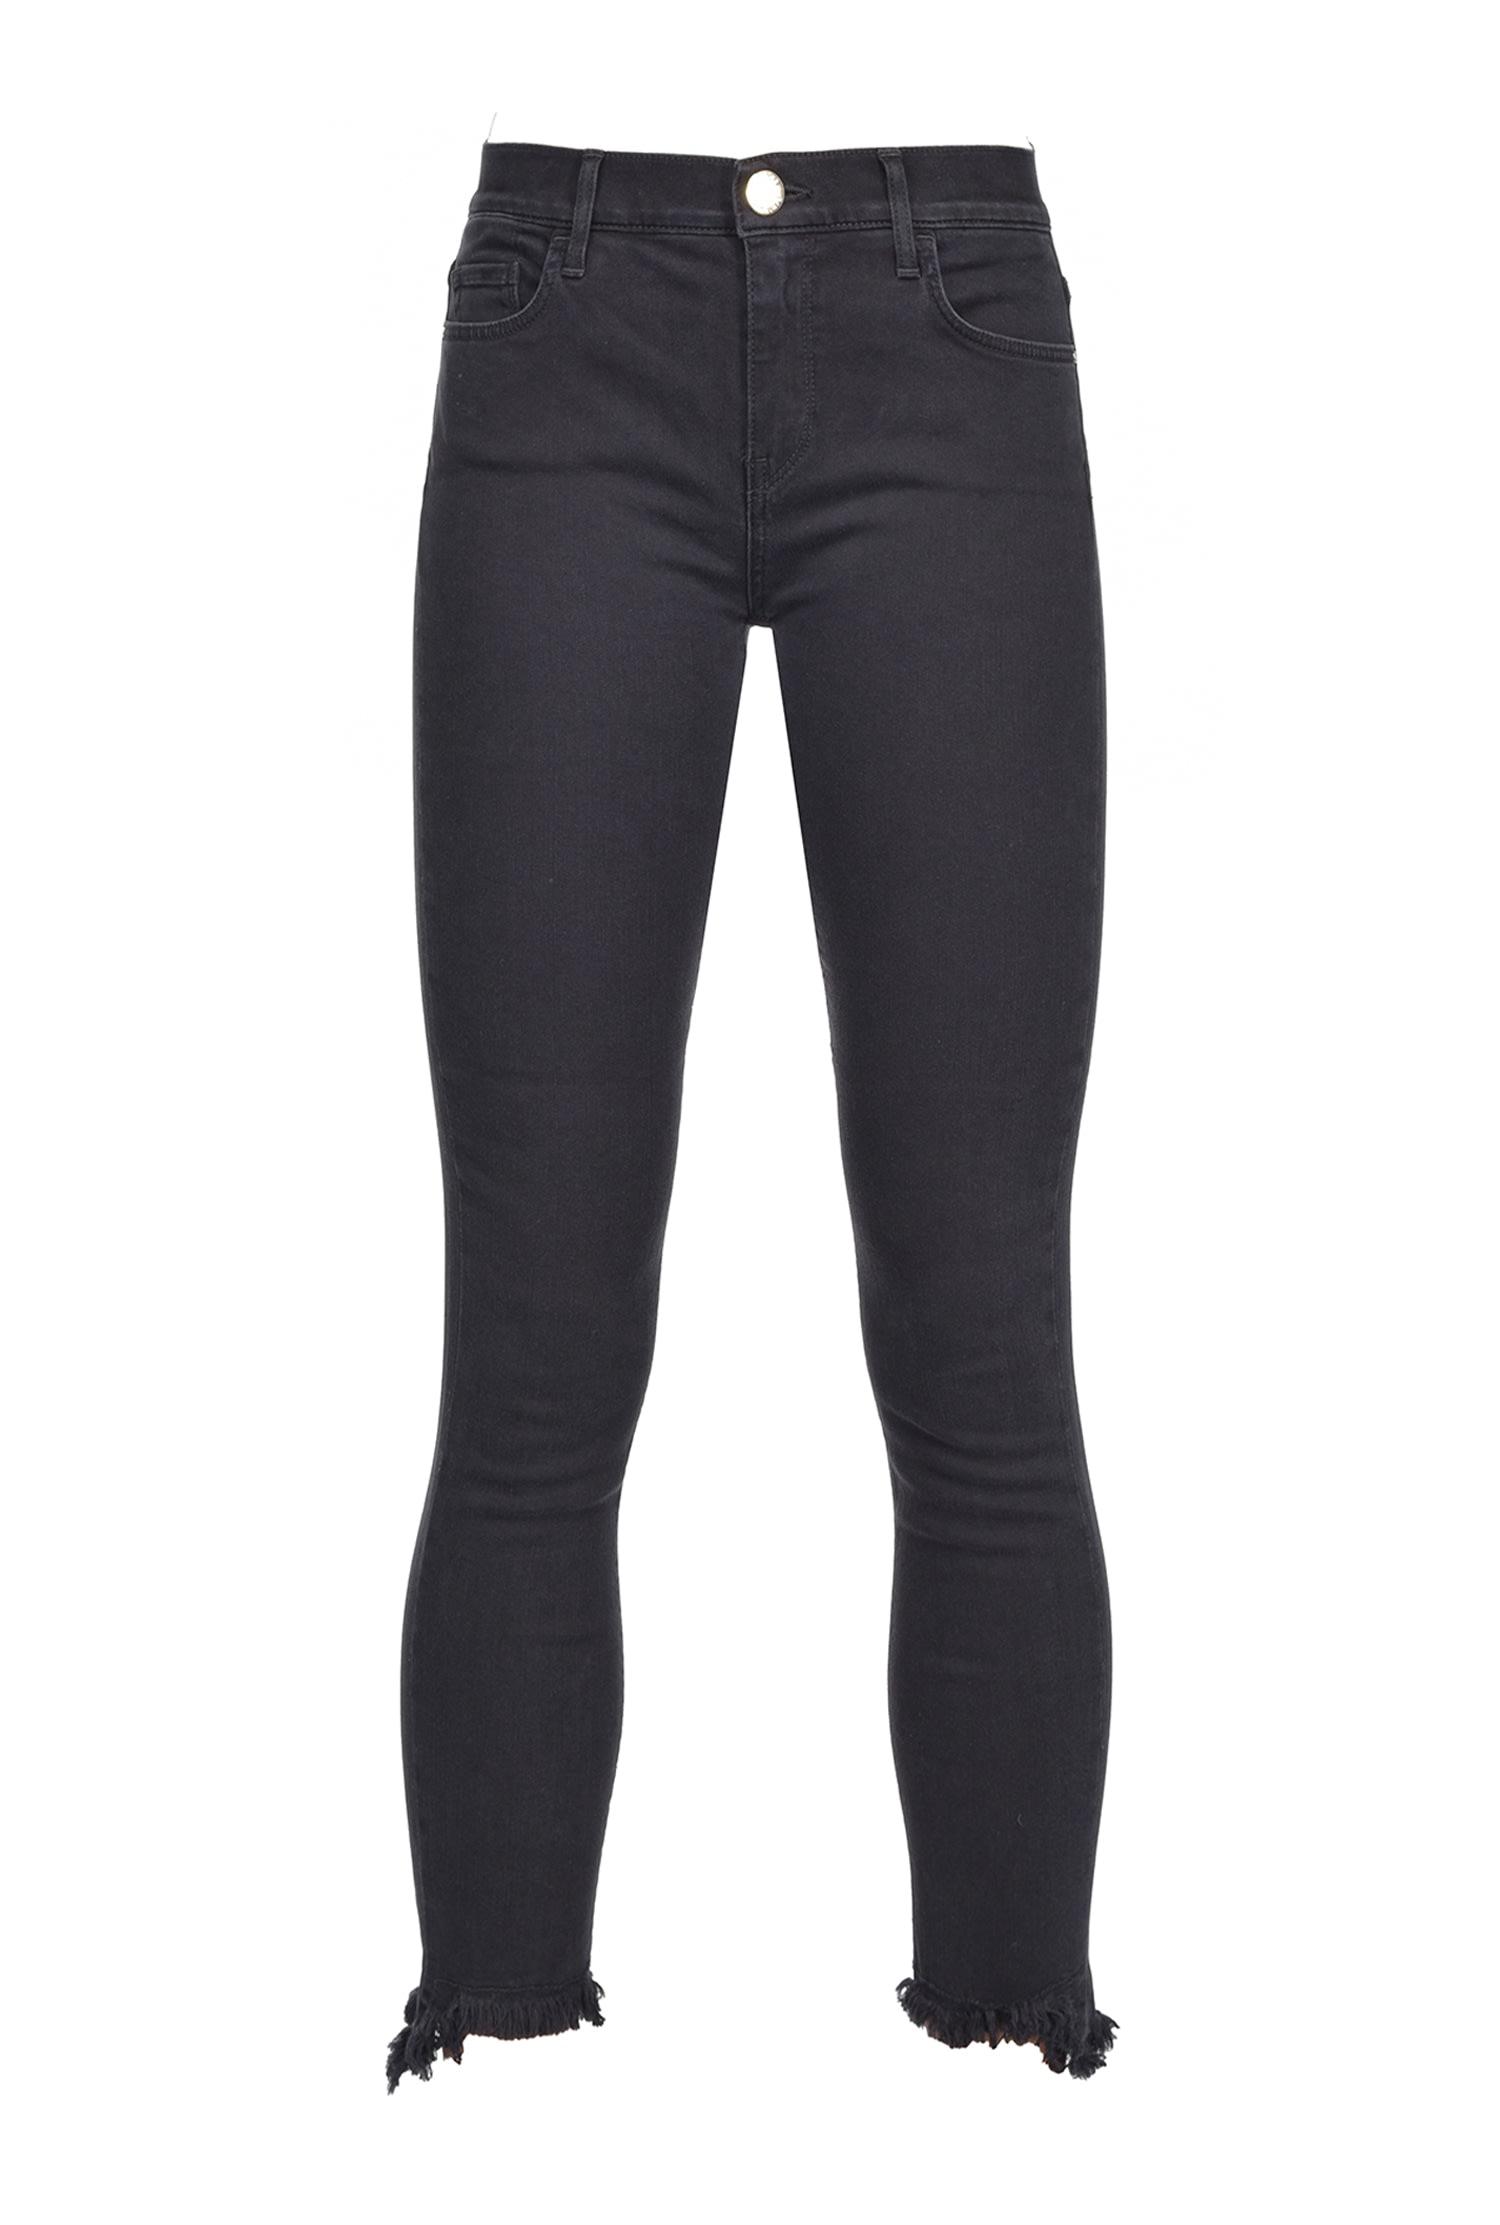 Jeans Skinny In Denim Black - Pinko